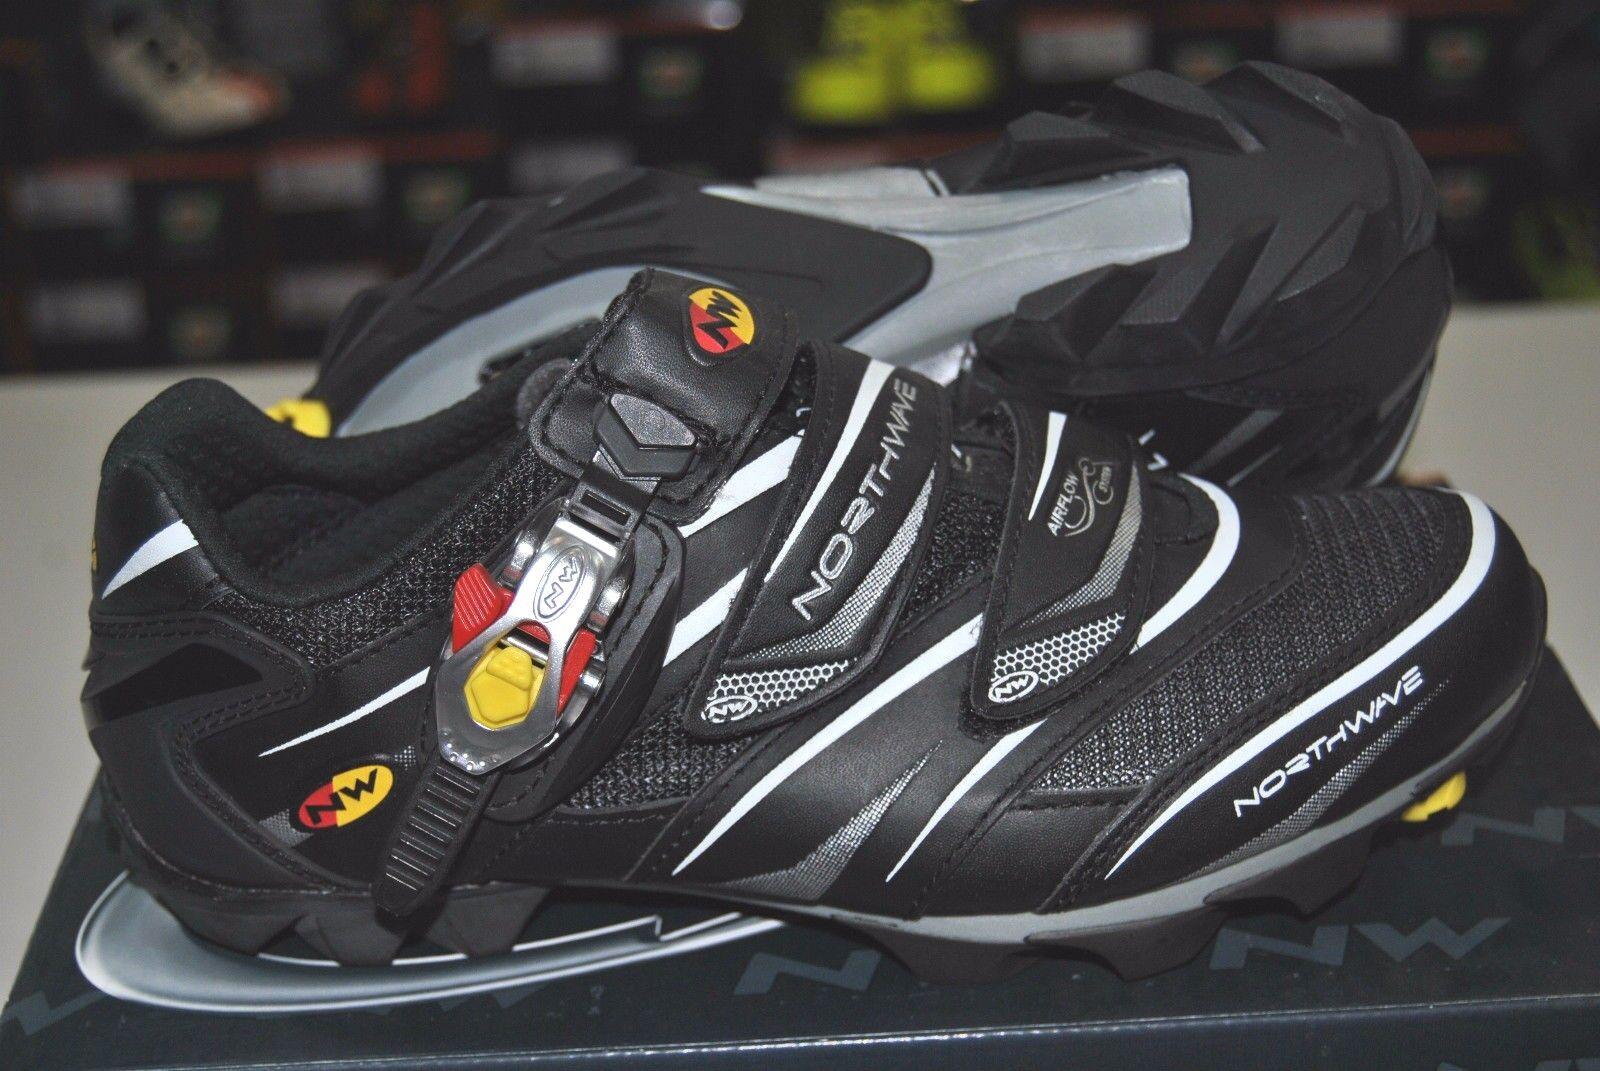 MTB-Schuhe/Spinnfischen Northwave LIZZARD SBS schwarz/Schuhe MTB Blac